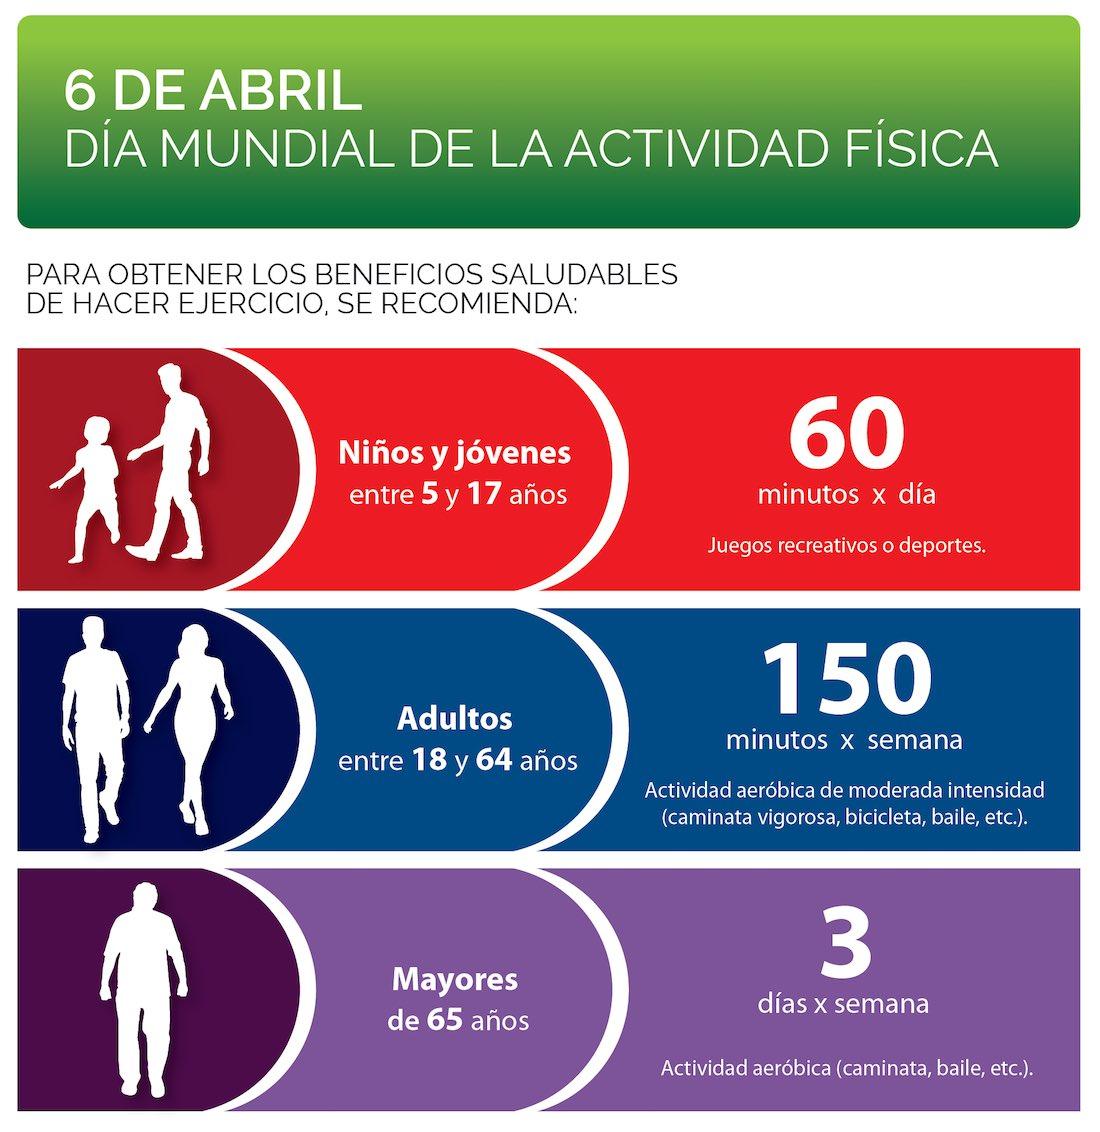 Día_de_la_ACtividad_física